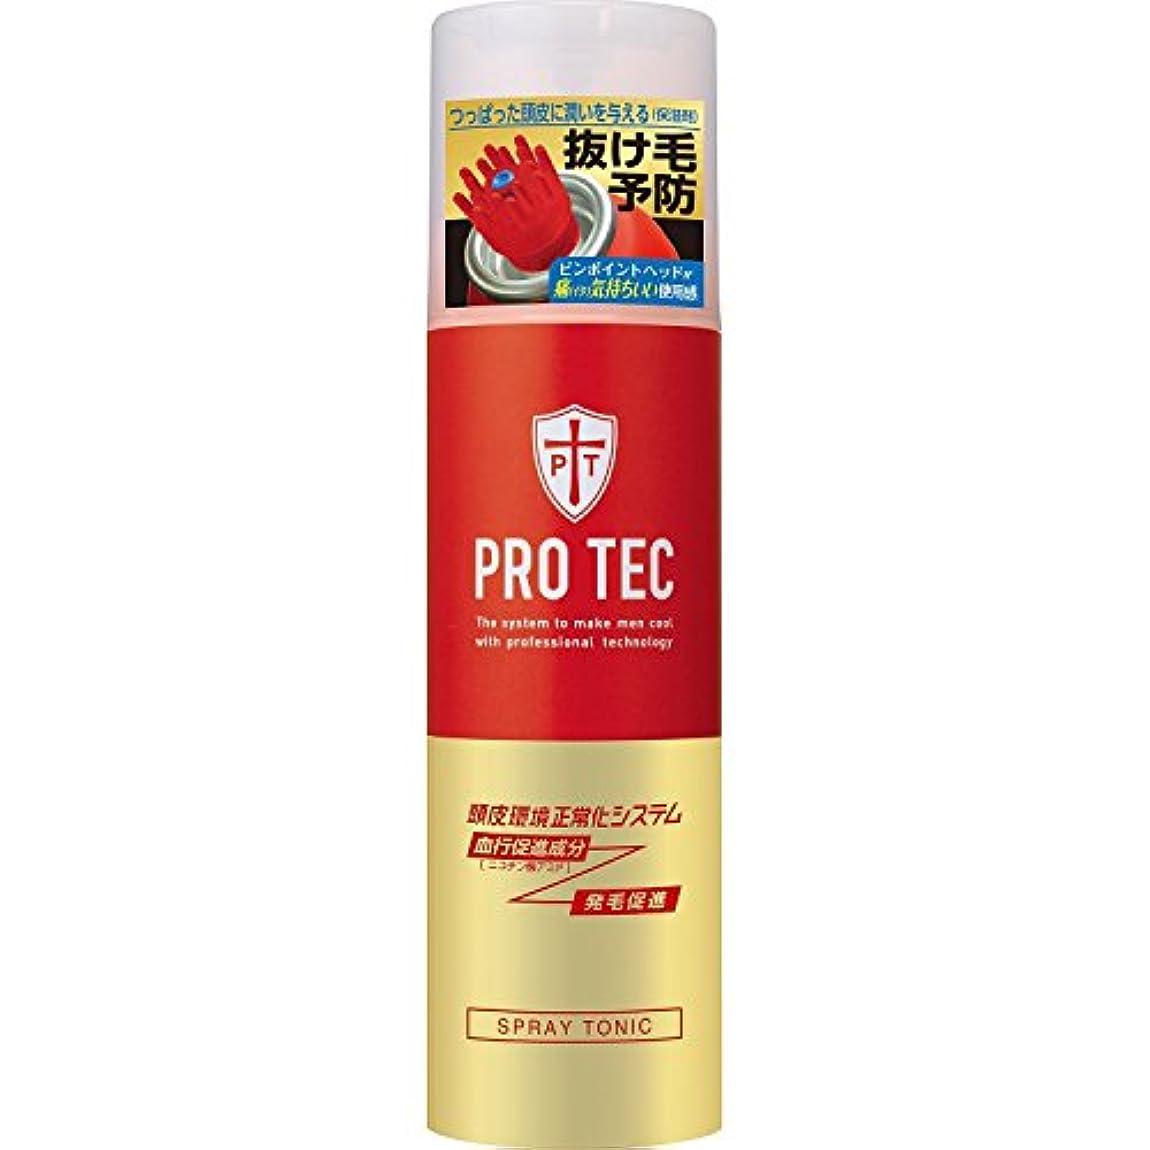 荒れ地正直赤面PRO TEC(プロテク) スプレートニック 150g (医薬部外品) ×20個セット